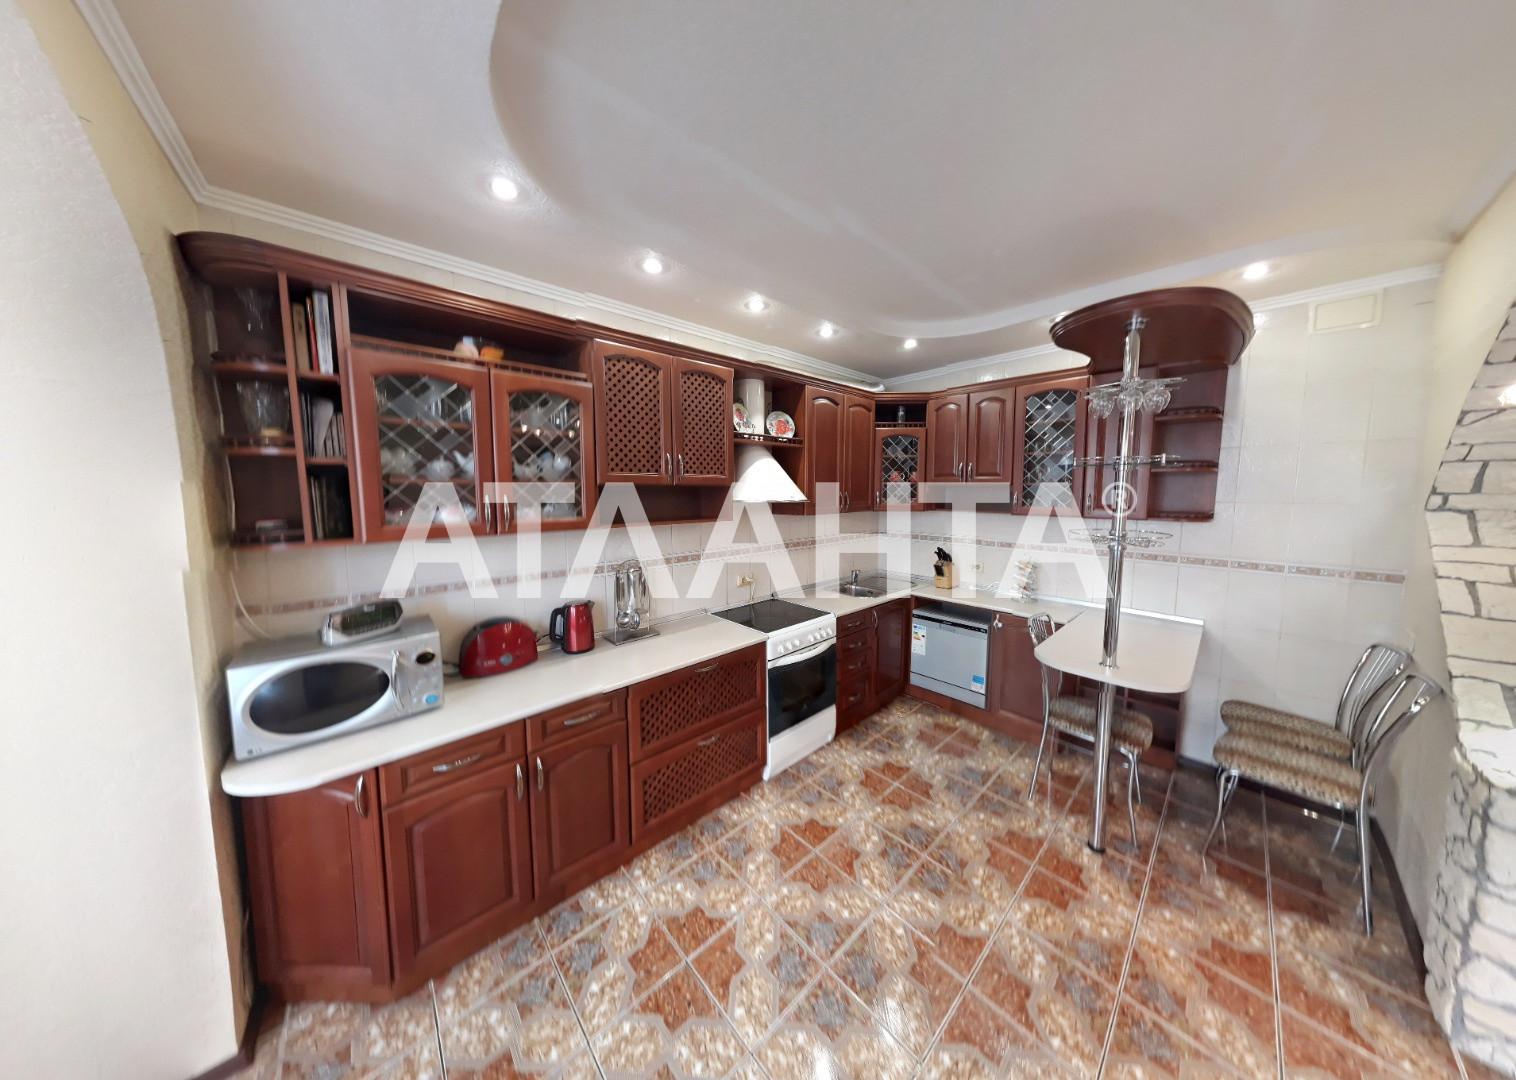 Продается 3-комнатная Квартира на ул. Ул. Вильямса — 90 000 у.е. (фото №6)